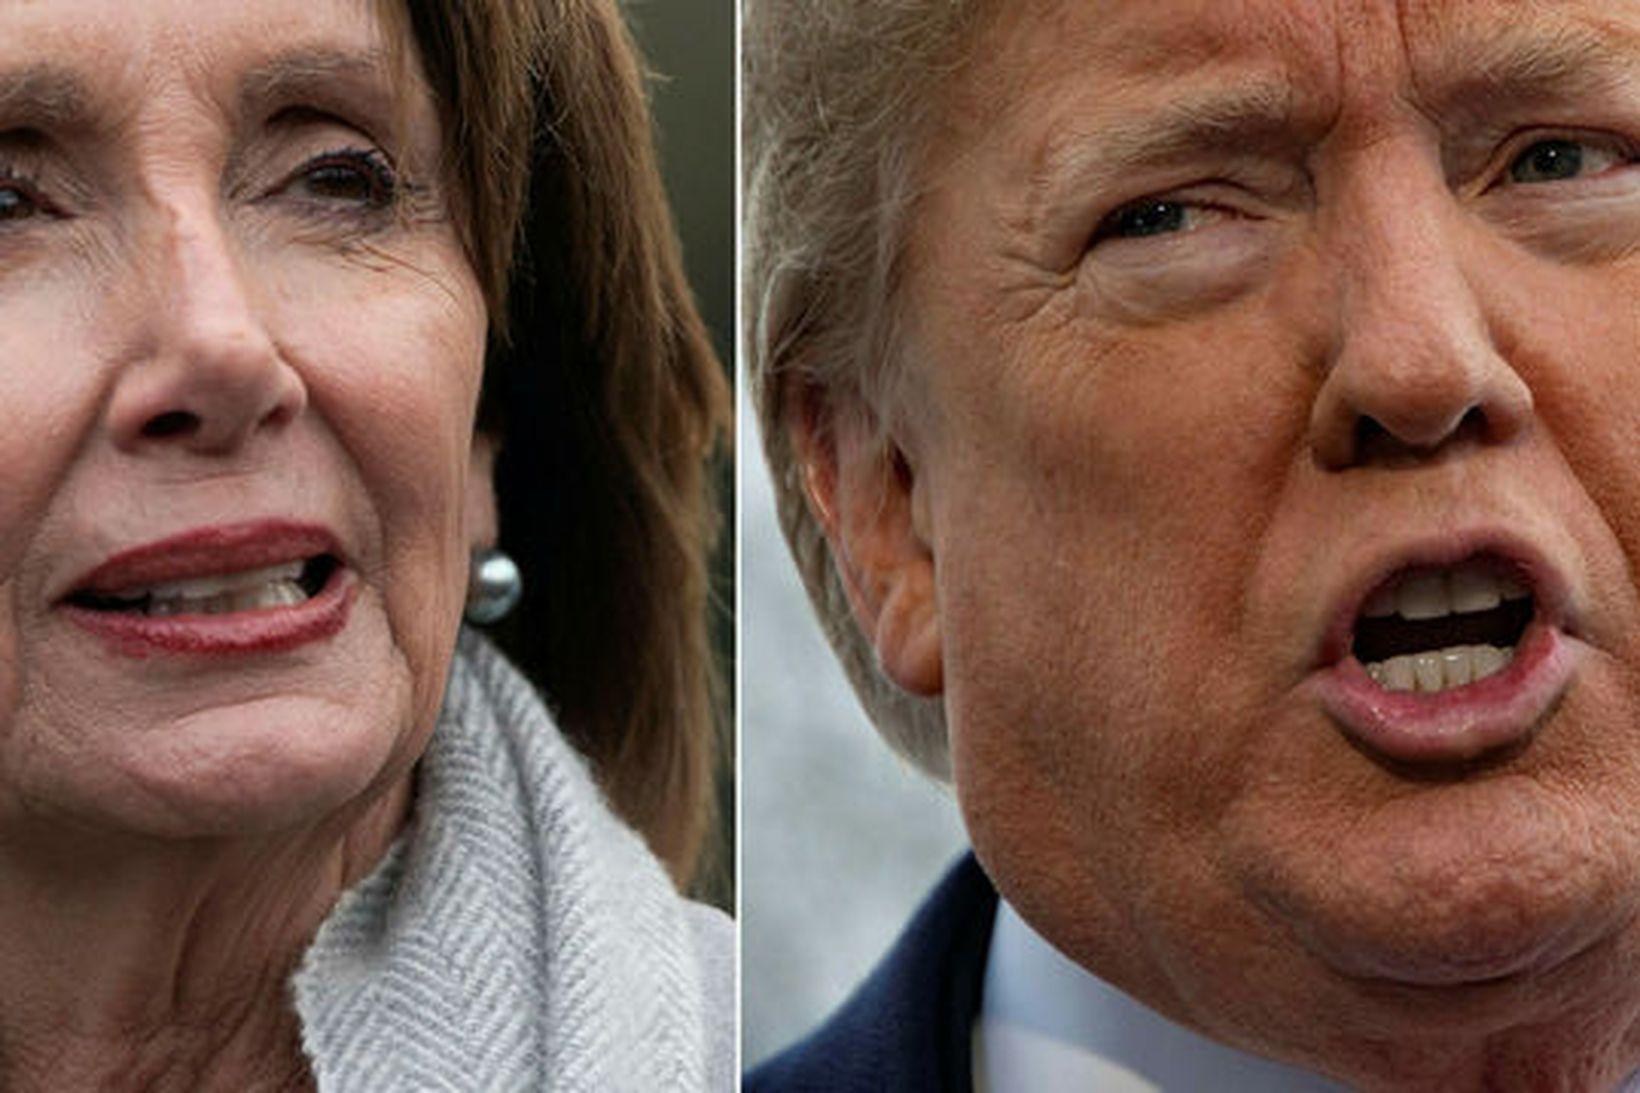 Nancy Pelosi, forseti fulltrúadeildar Bandaríkjaþings, og Donald Trump Bandaríkjaforseti. Bæði …